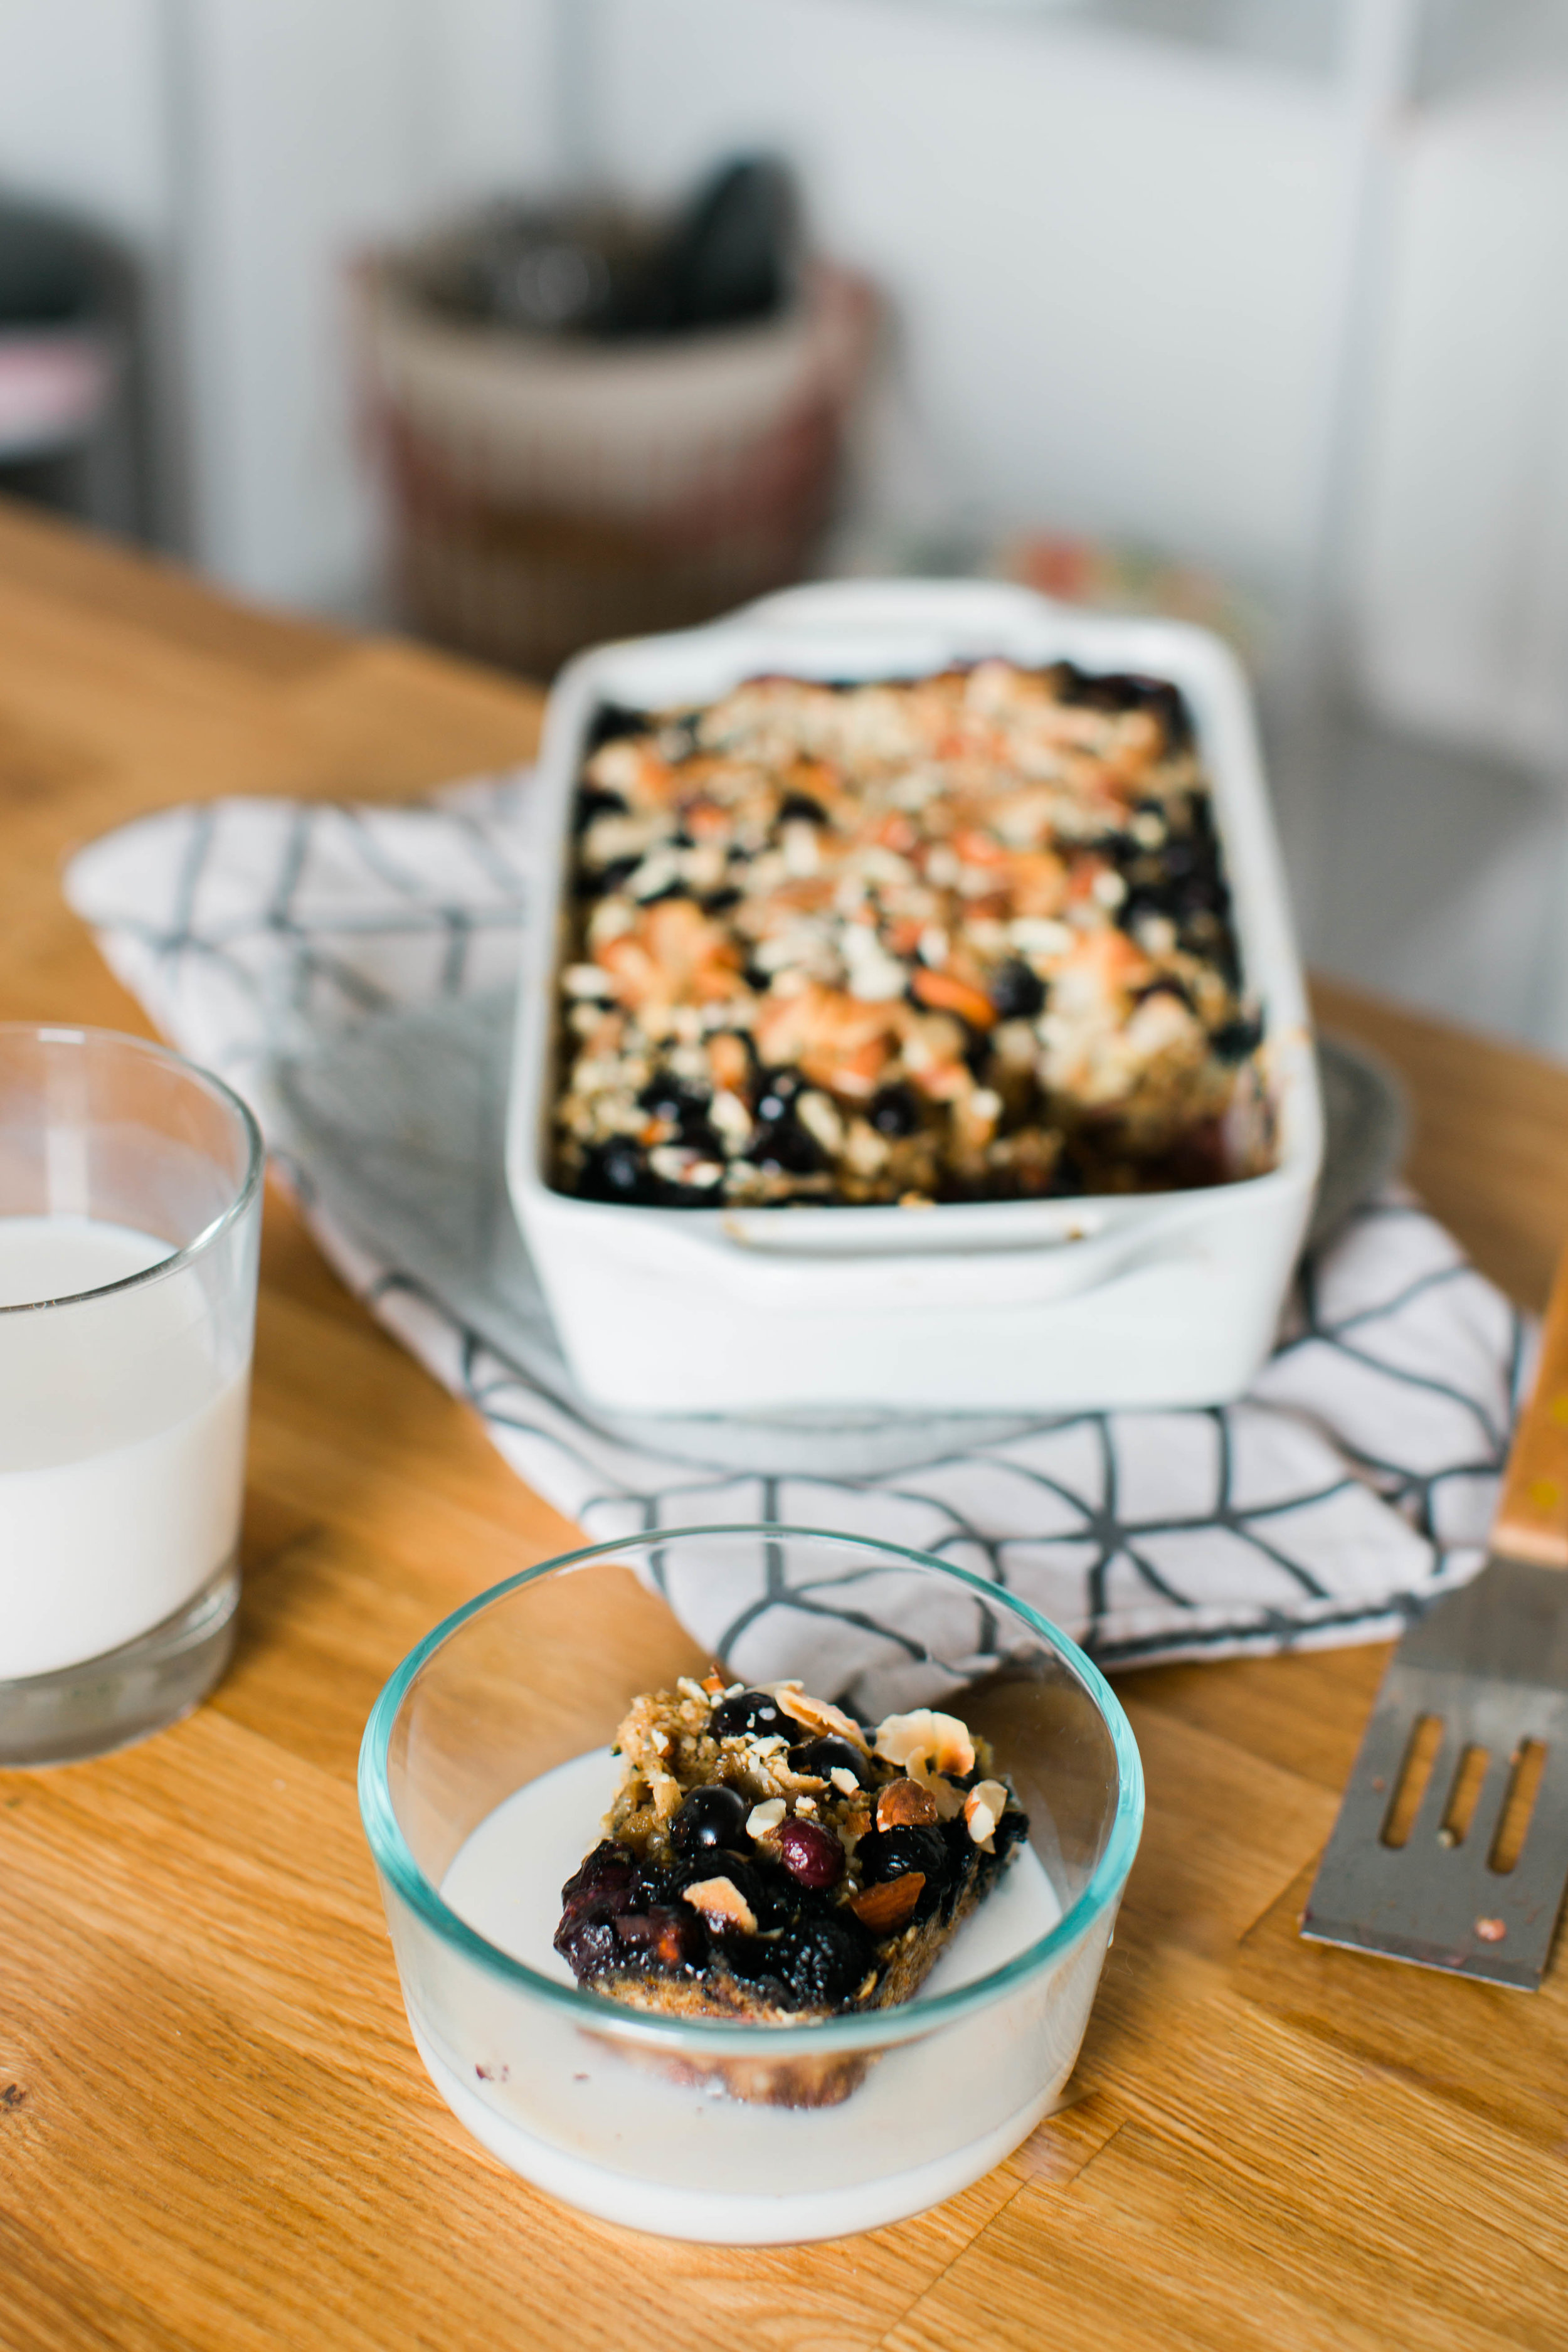 jennahazelphotoghy-baked-oatmeal-6016.jpg